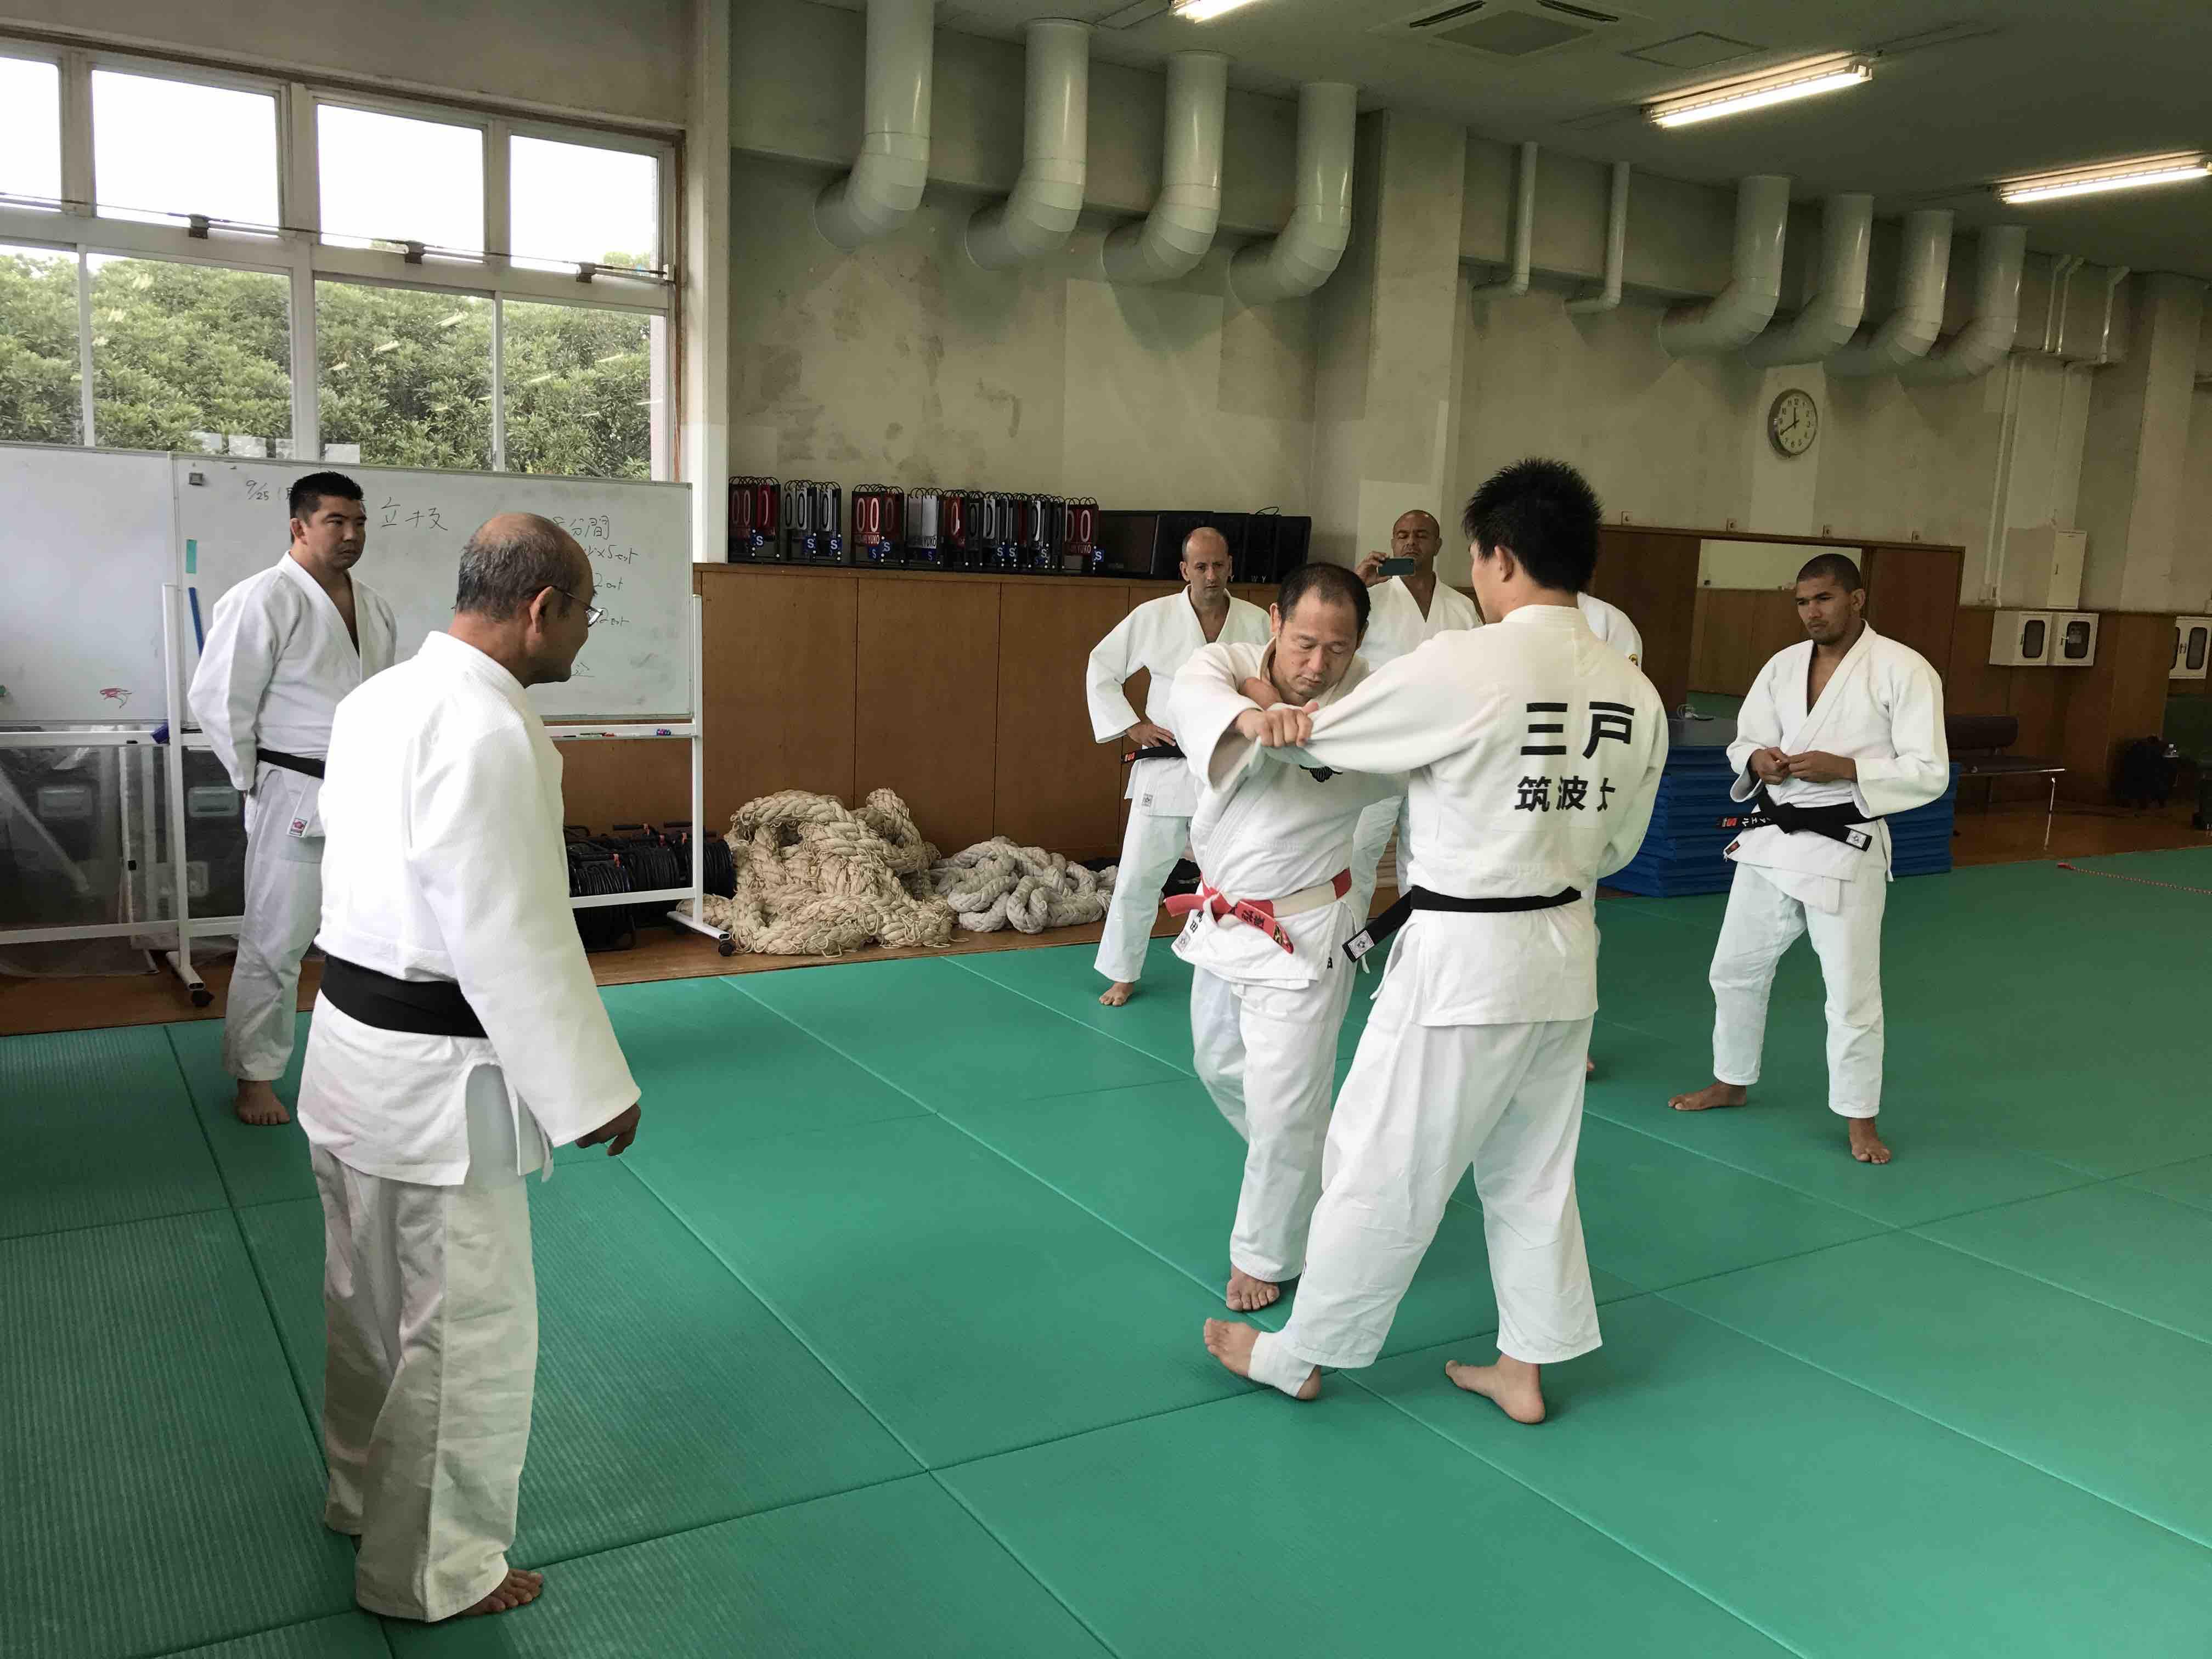 ディスカバリーキャンプ トゥモローズフレンズプログラム〜柔道の学校体育導入支援〜2